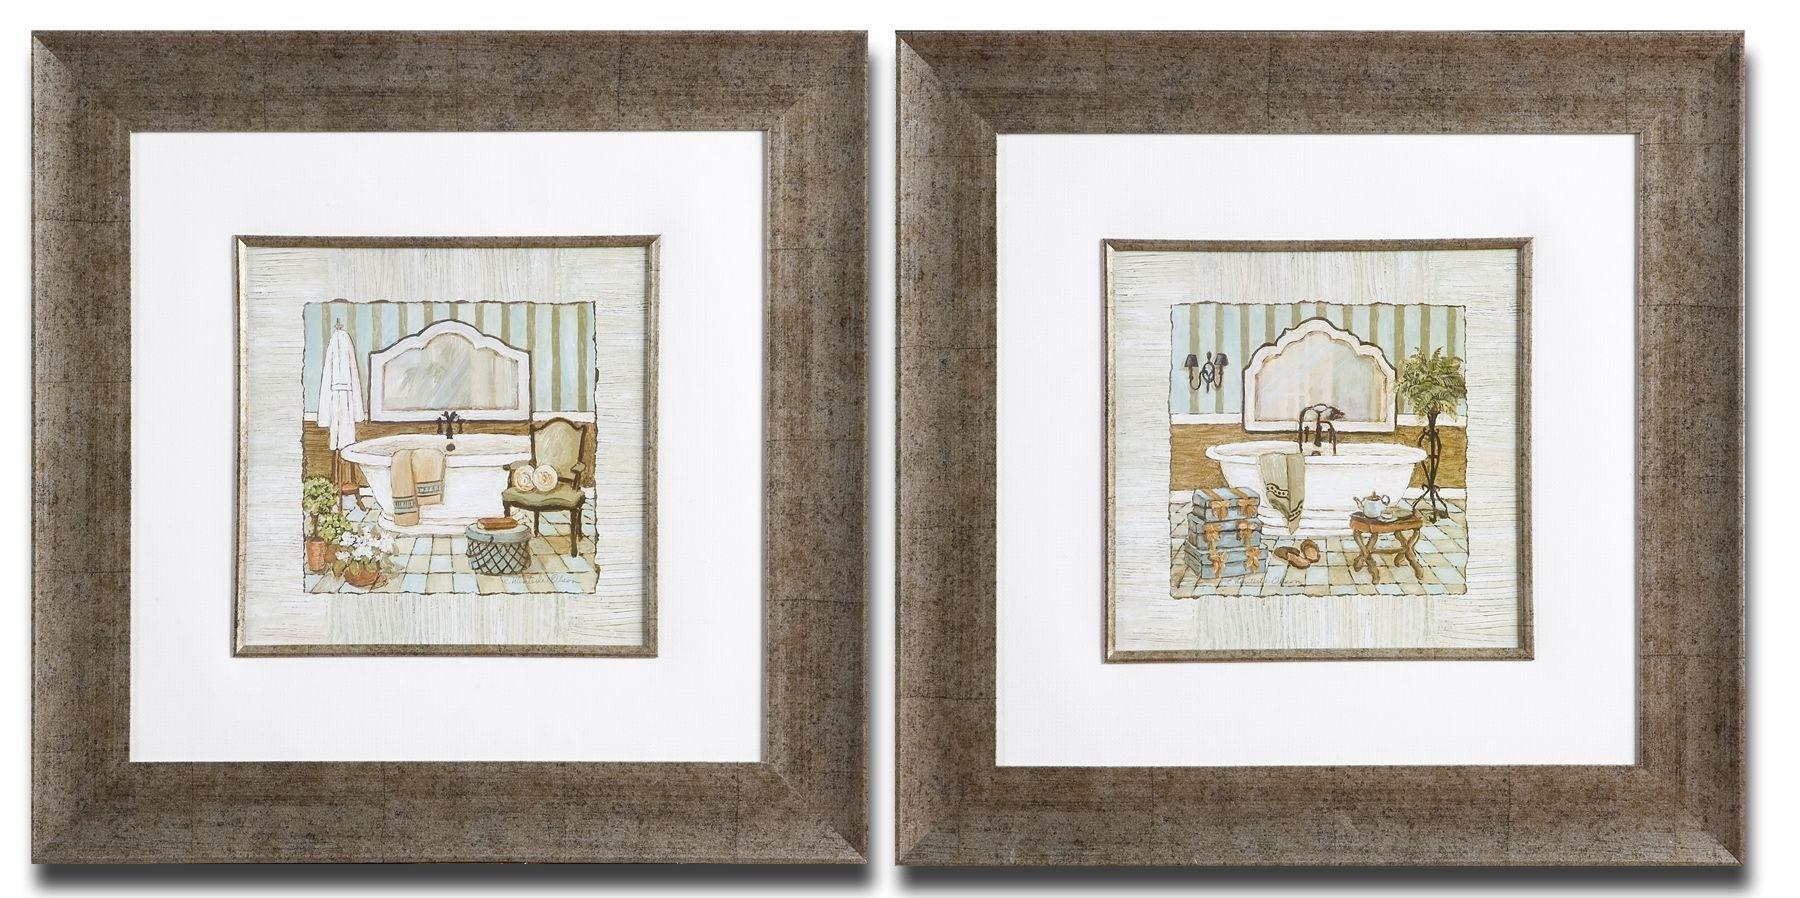 Framed Art For Bathroom, French Bathroom Prints Vintage Bathroom Inside Most Recent Framed Art Prints Sets (View 4 of 15)